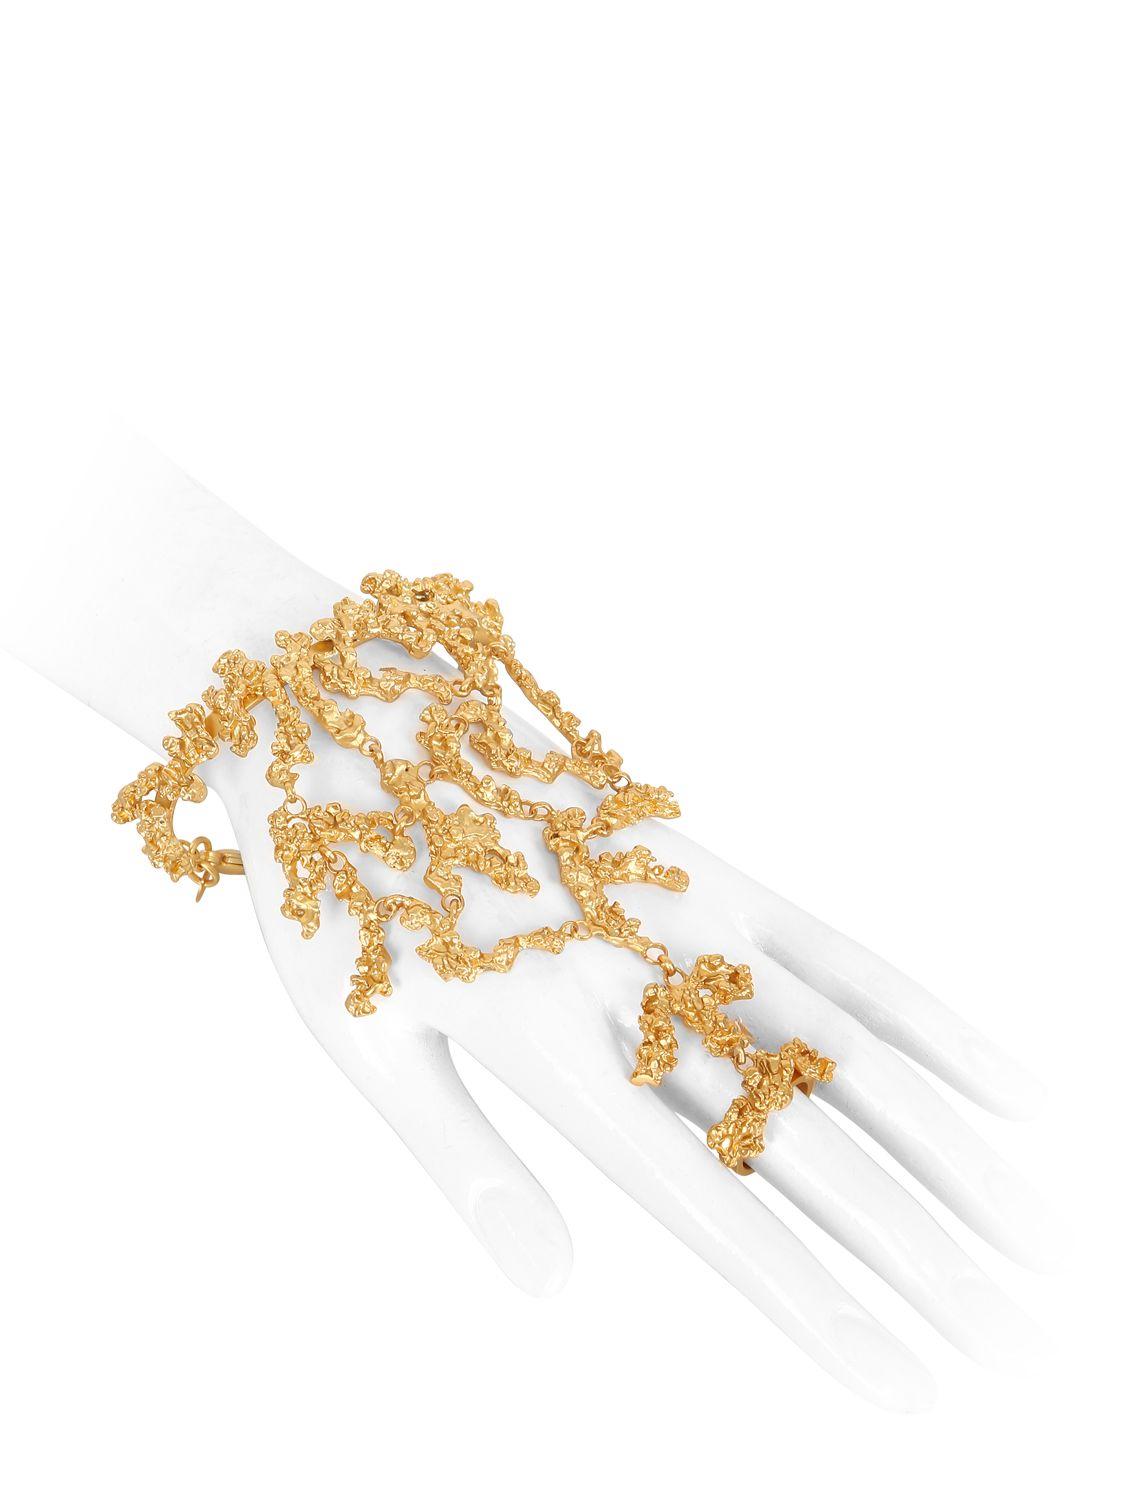 Giuseppe Zanotti Gold tone brass bracelet ARIEL NkxvX